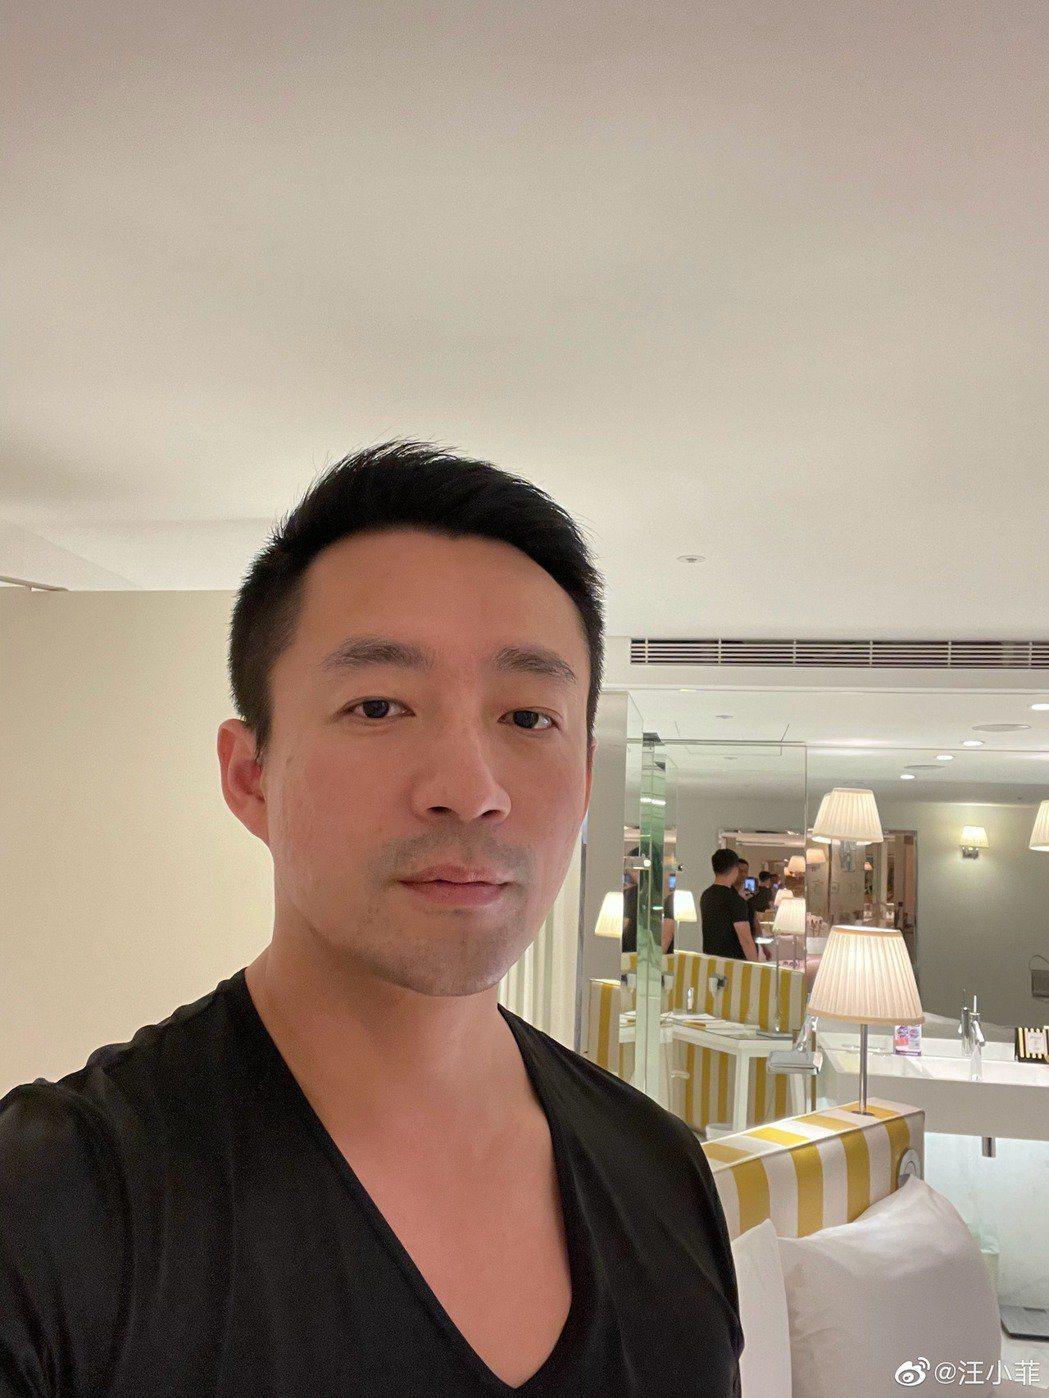 汪小菲常在微博上重砲批評台灣,引發兩岸網友議論。圖/摘自微博